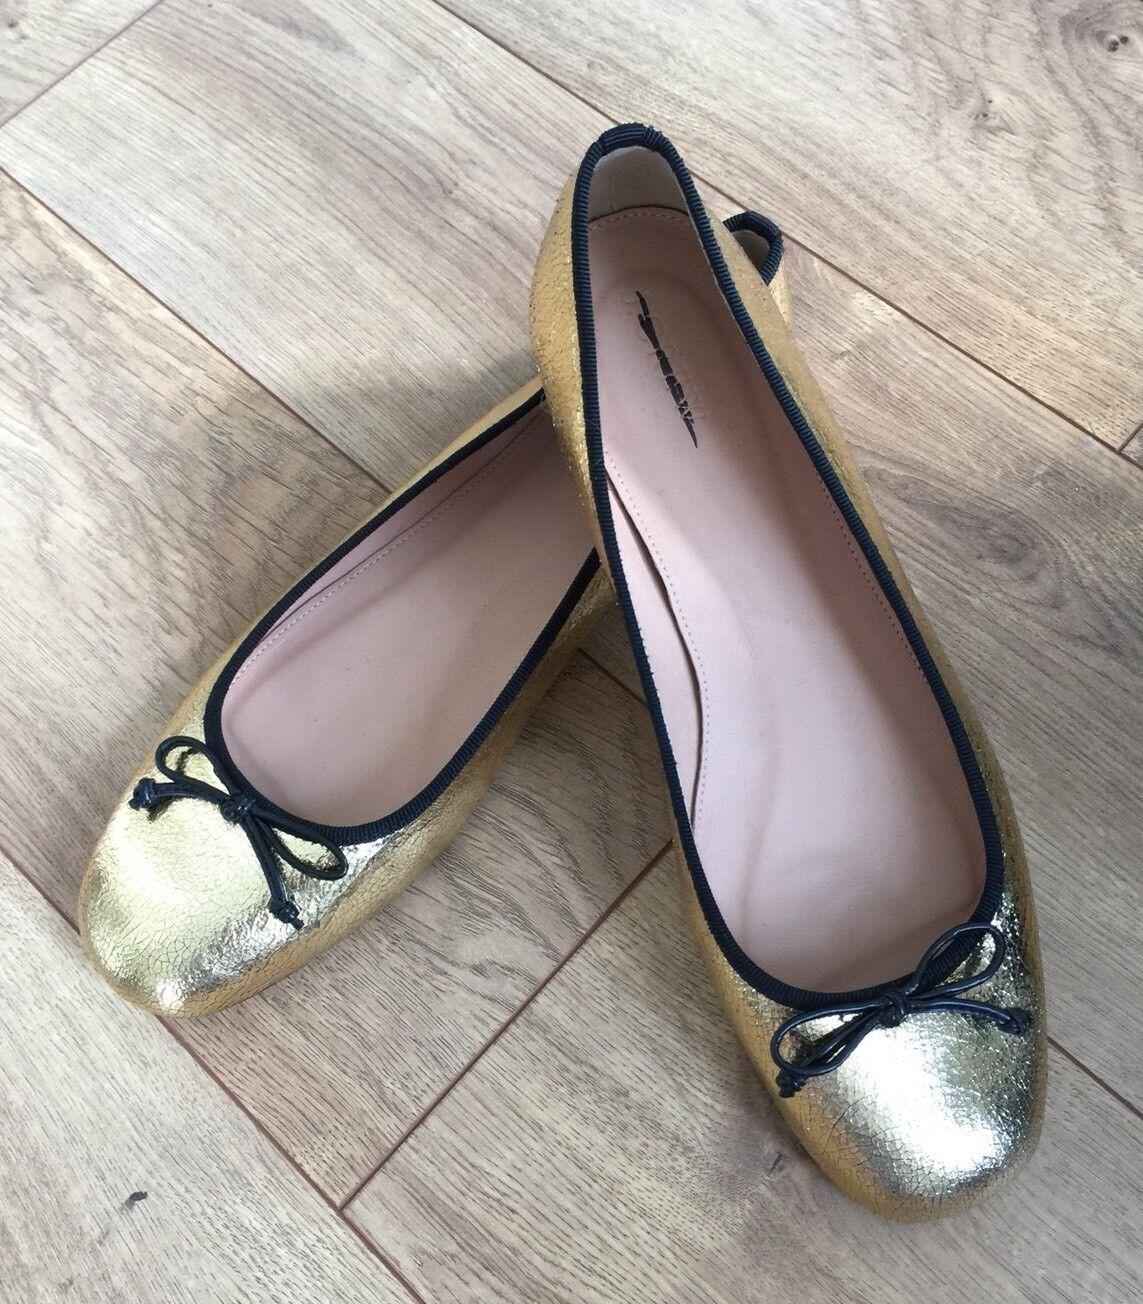 Nuevo Ballet En Caja Jcrew  138 Lily Ballet Nuevo Zapatos sin Taco Sin En Craquelado Cuero Tamaño 10 oro Negro G7845 a716c5